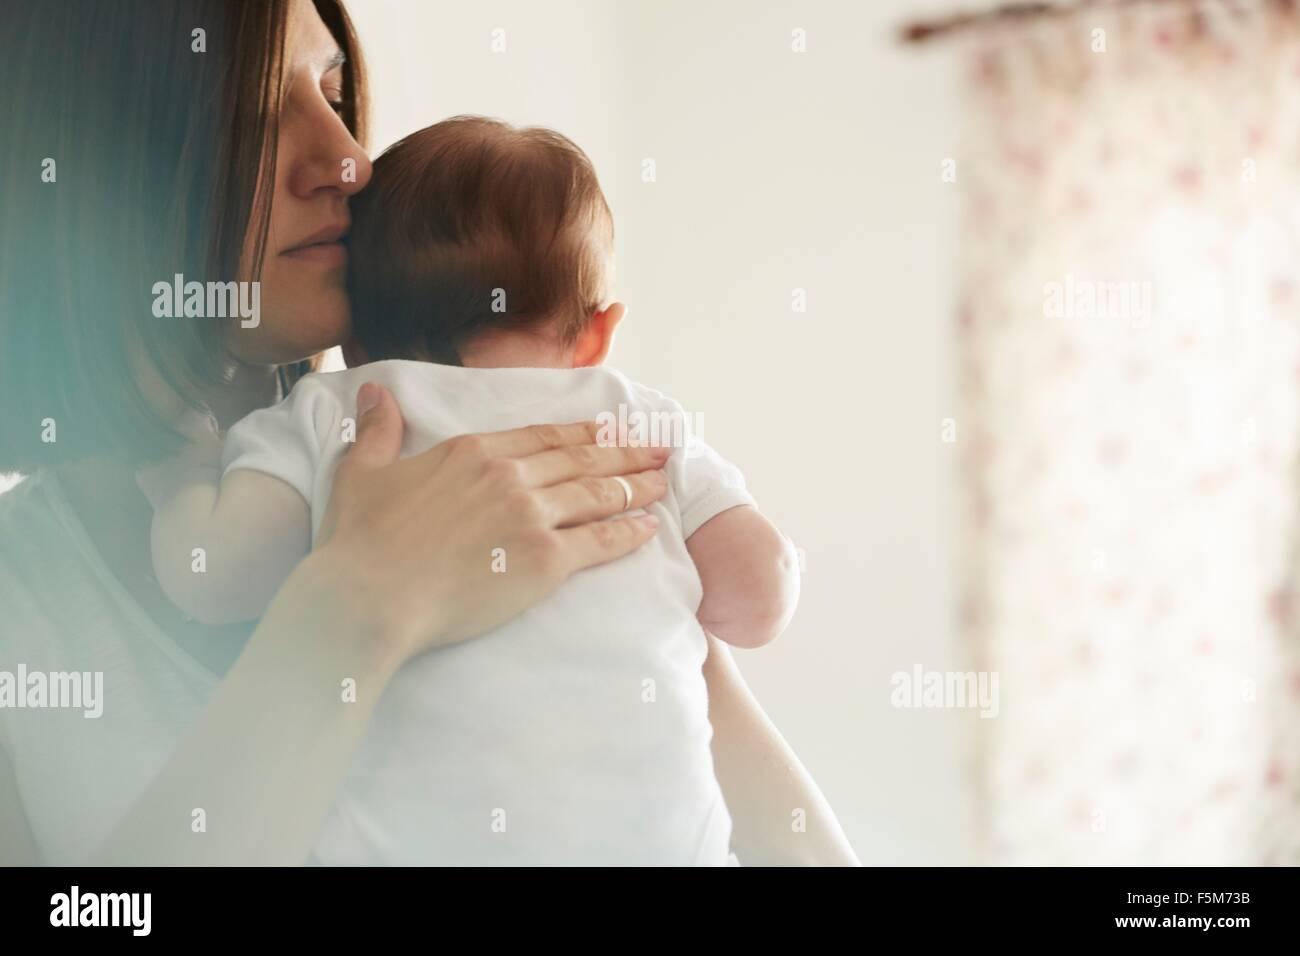 Madre bambino portando in camera da letto Immagini Stock